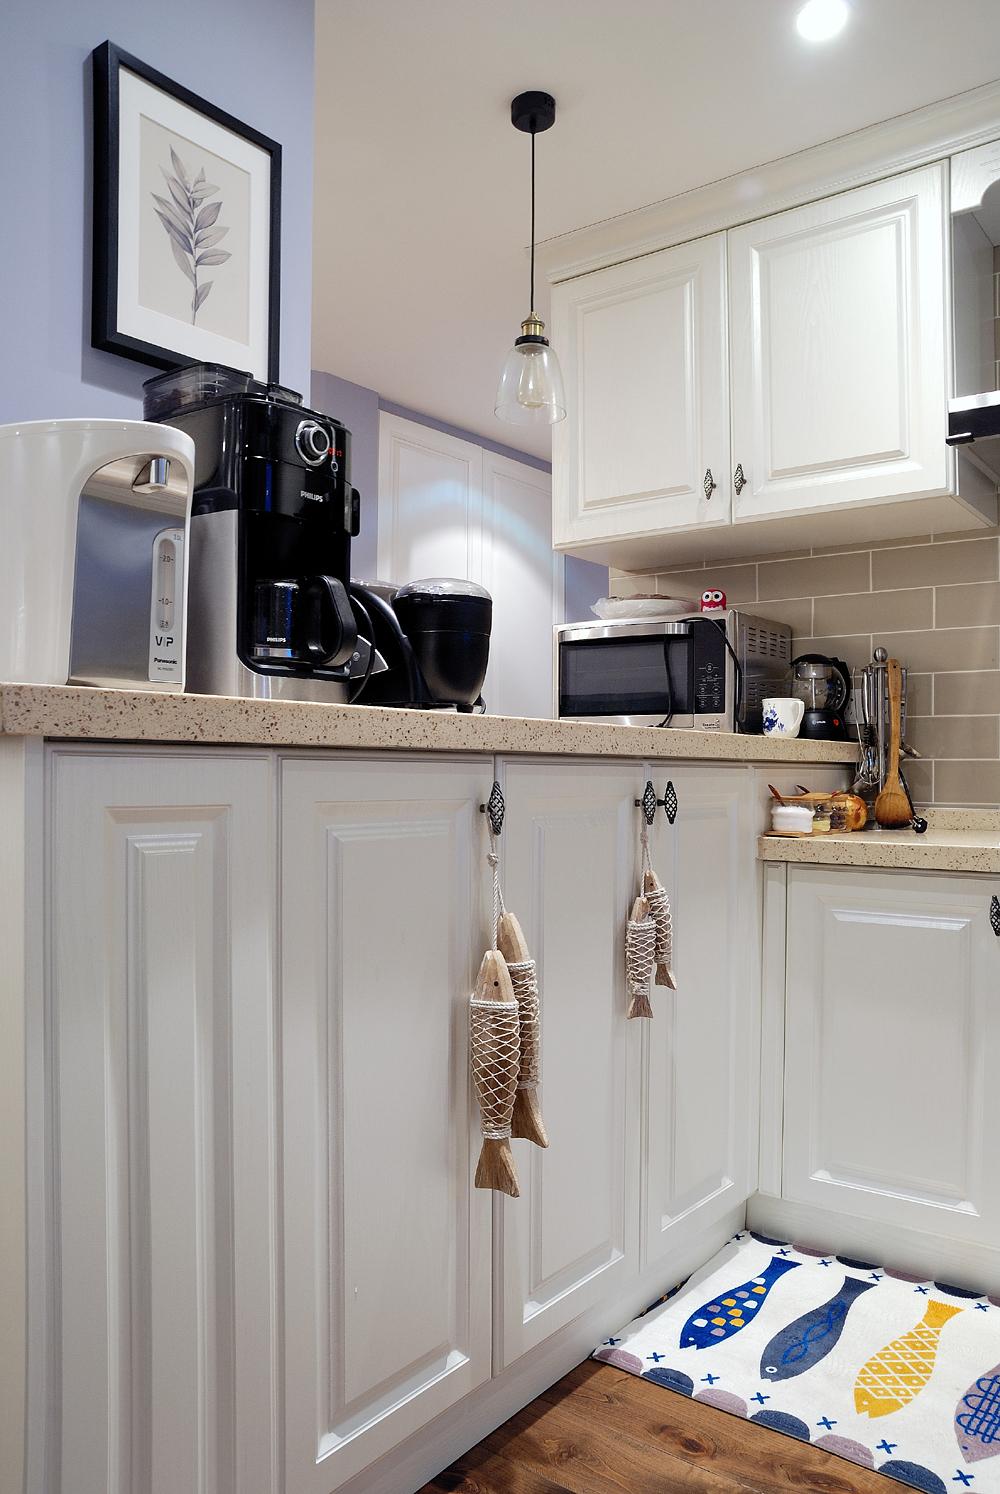 简约美式厨房装修设计图